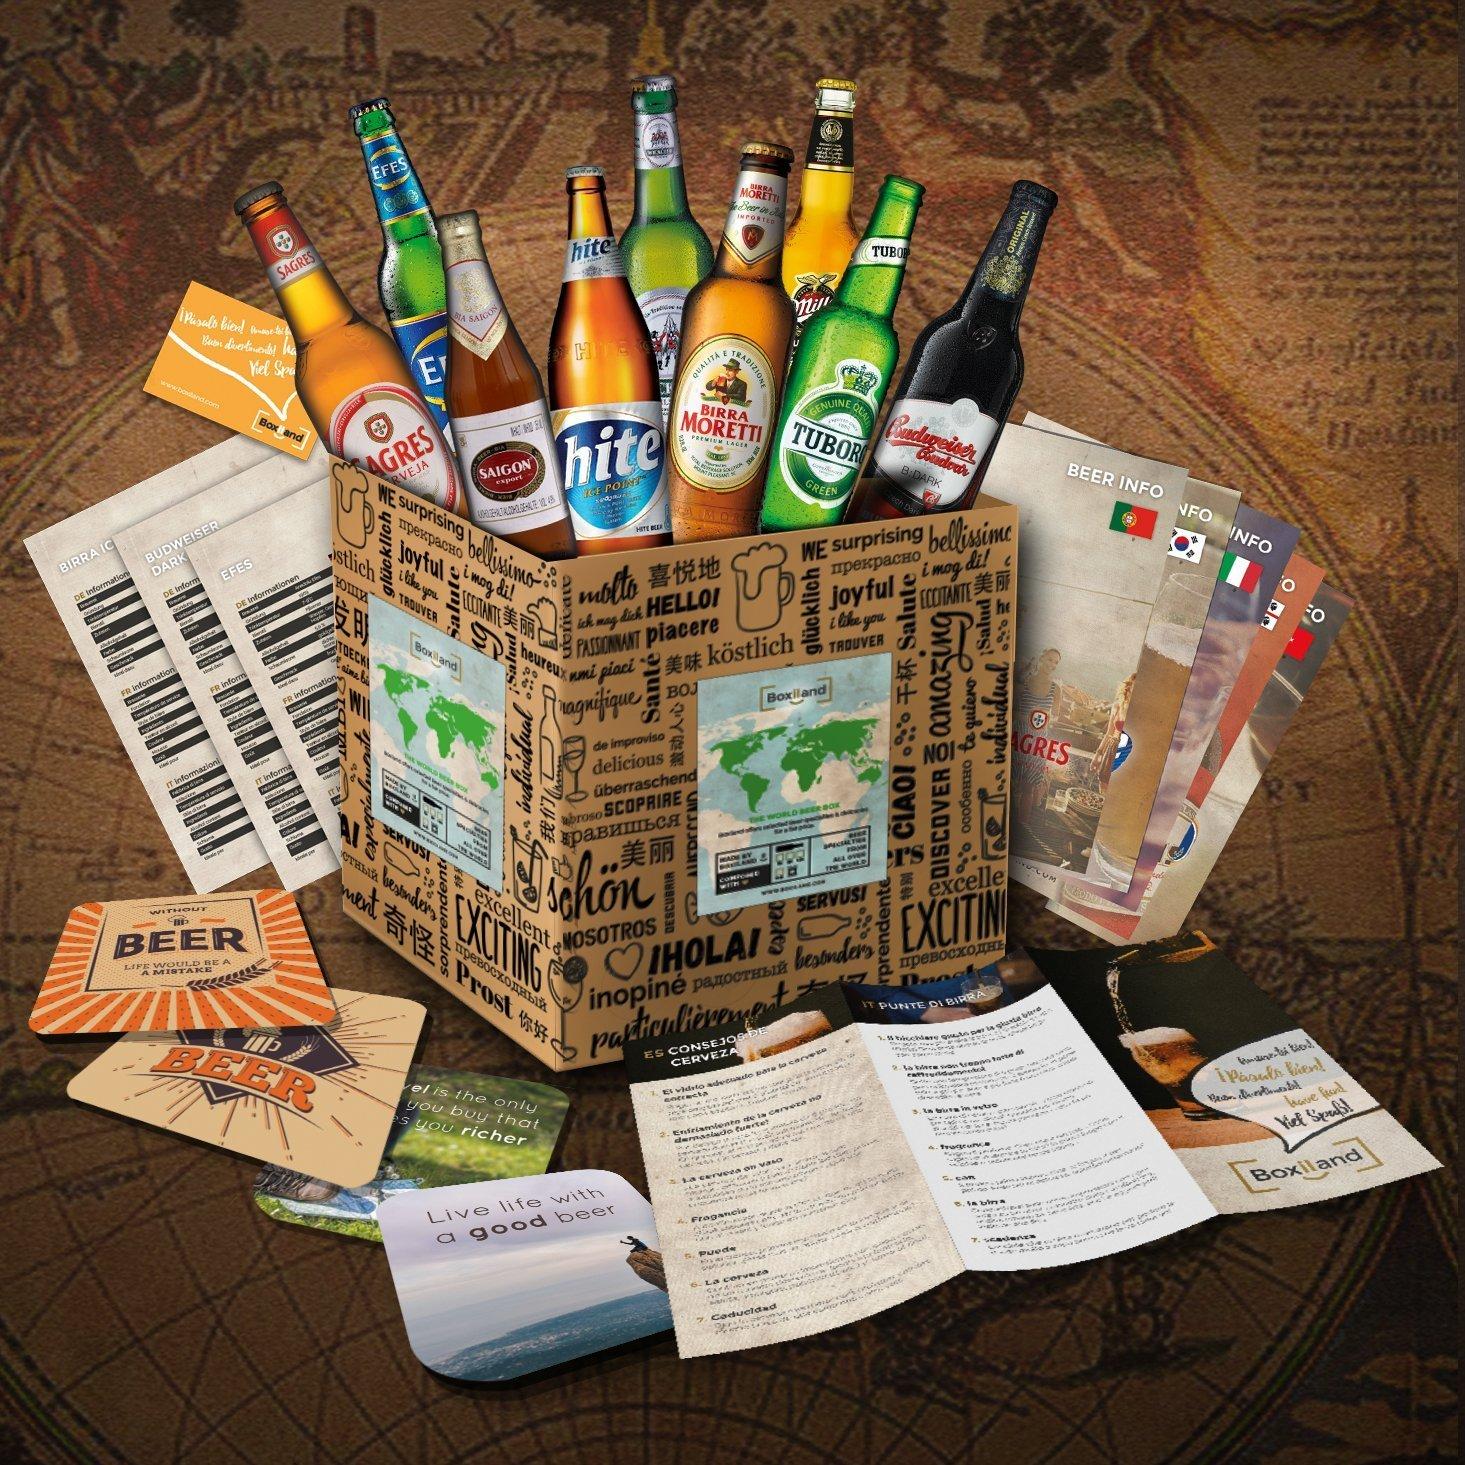 91uh2iflril  sl1465  - Le coffret des 9 bières du monde